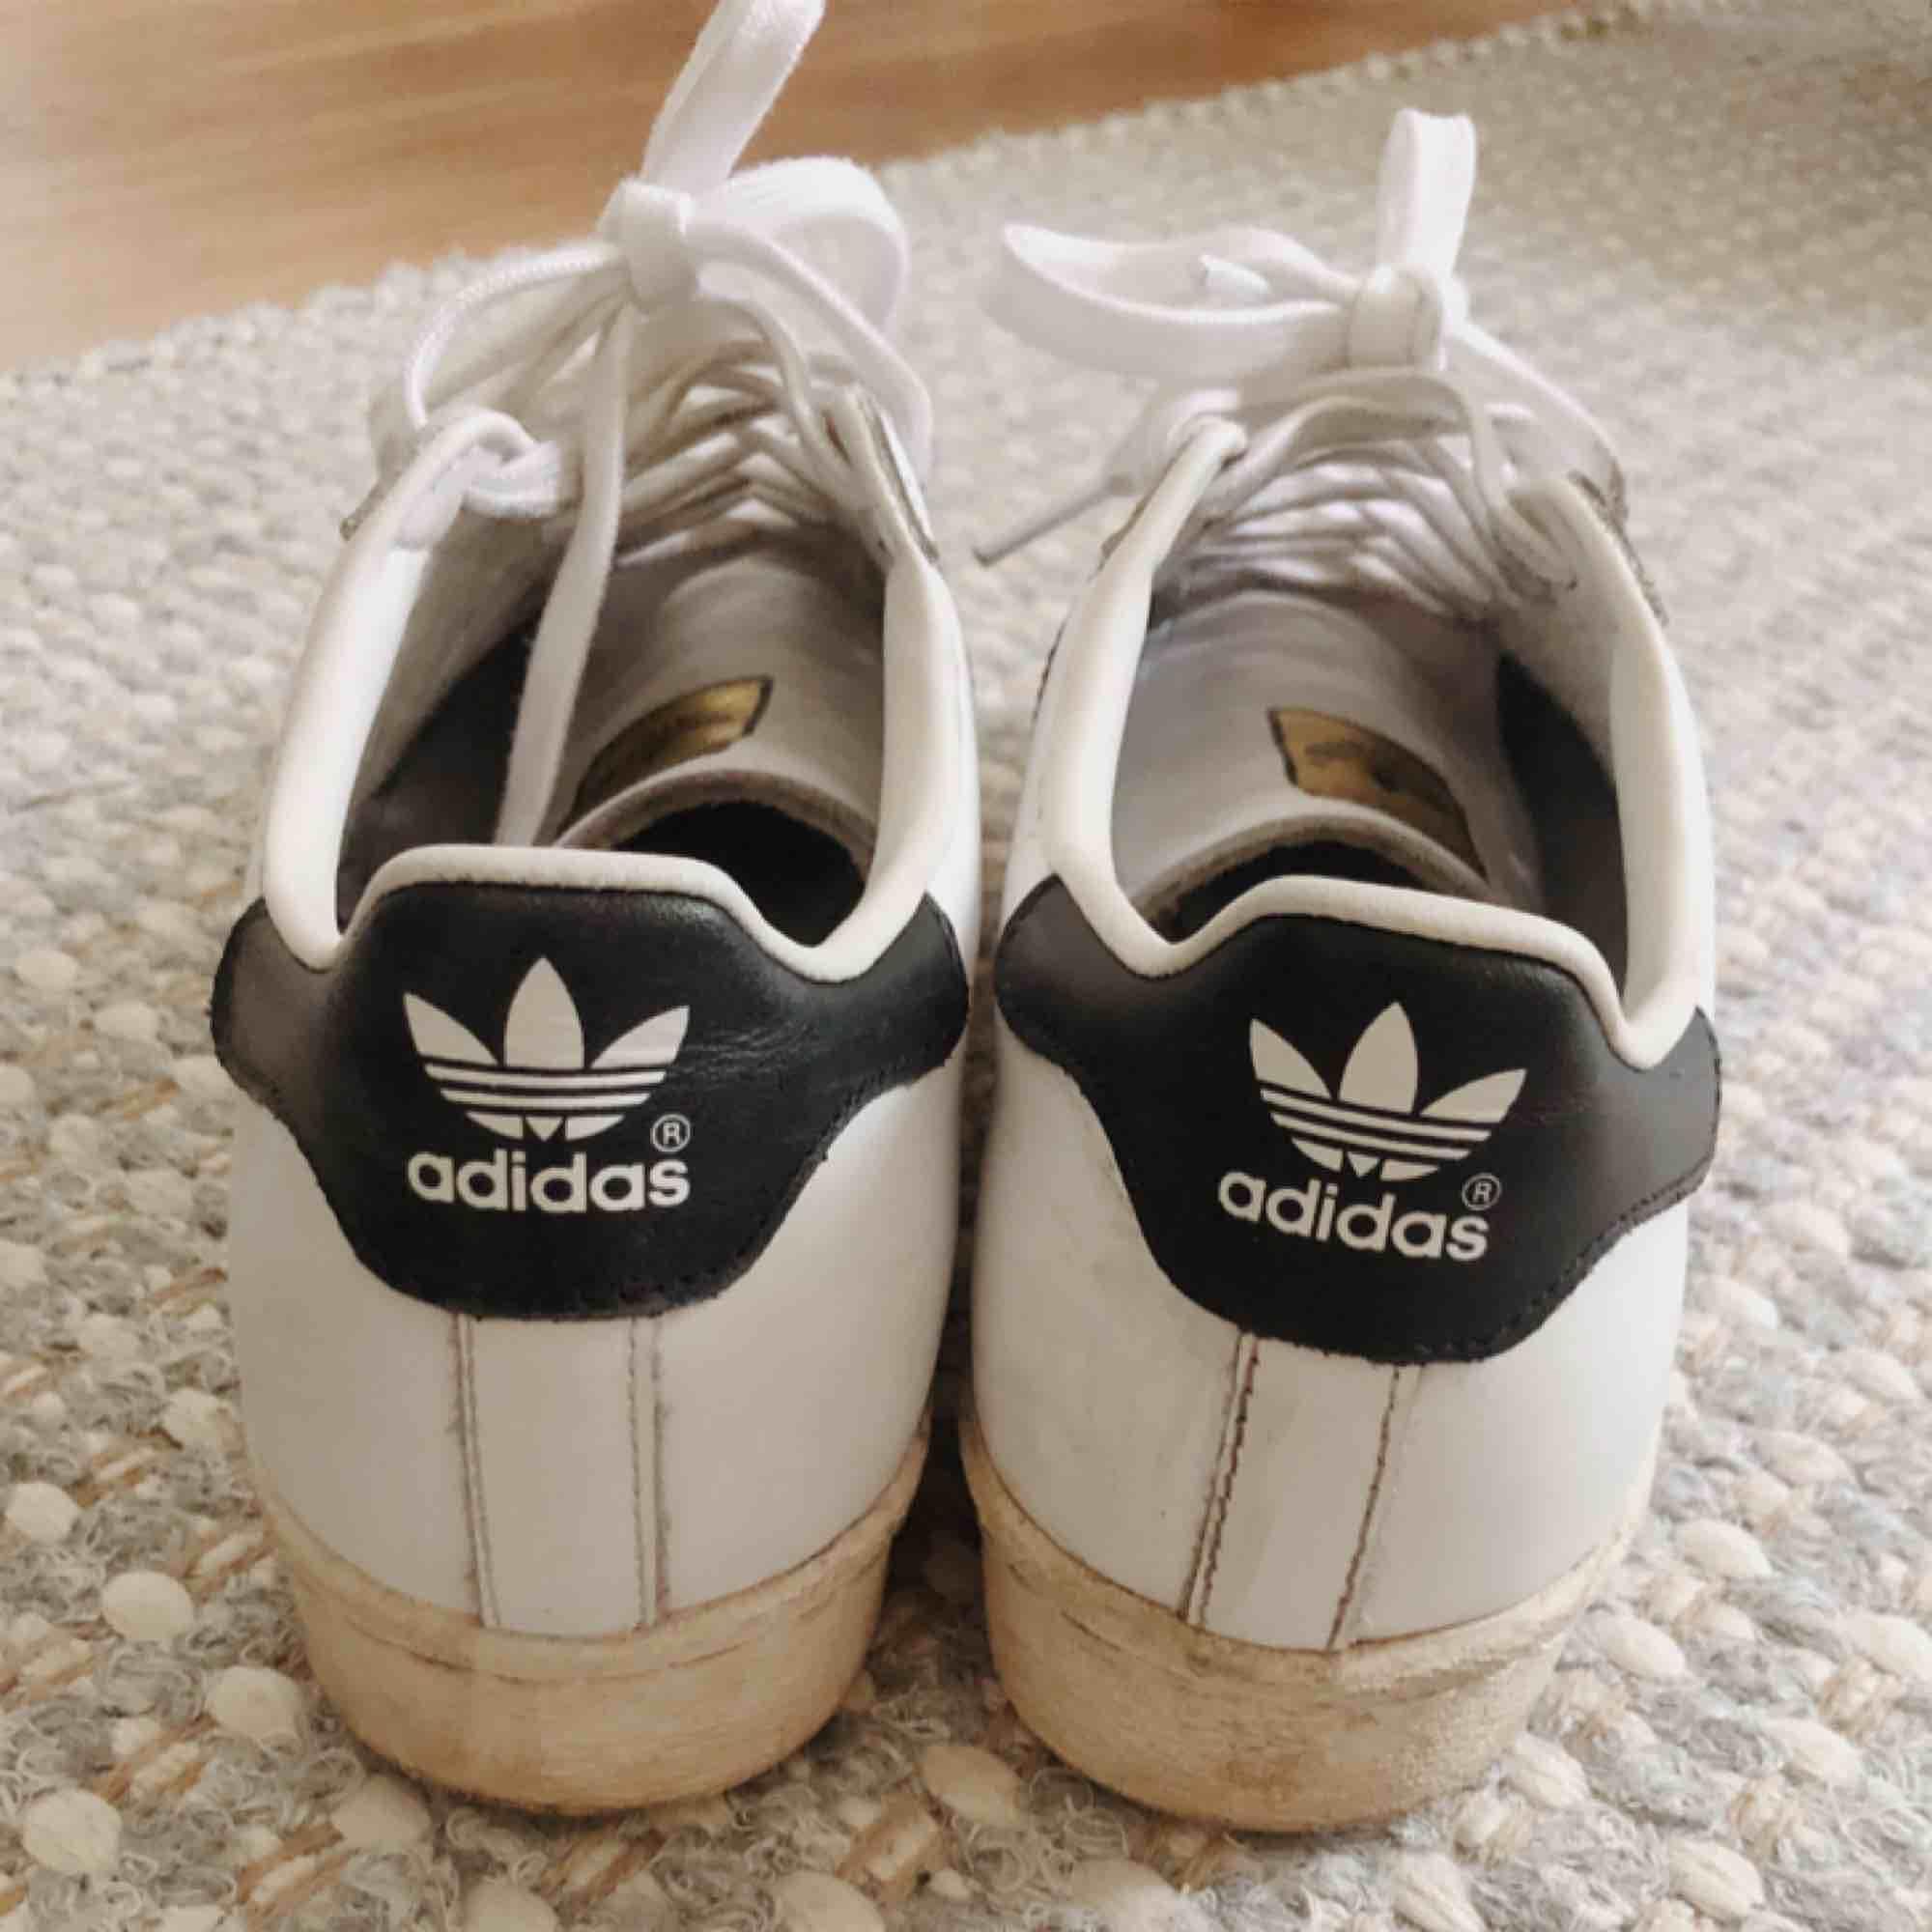 Adidas Superstars Retro, storlek 39 1/3, sparsamt använda. Pris inklusive frakt 💕. Skor.